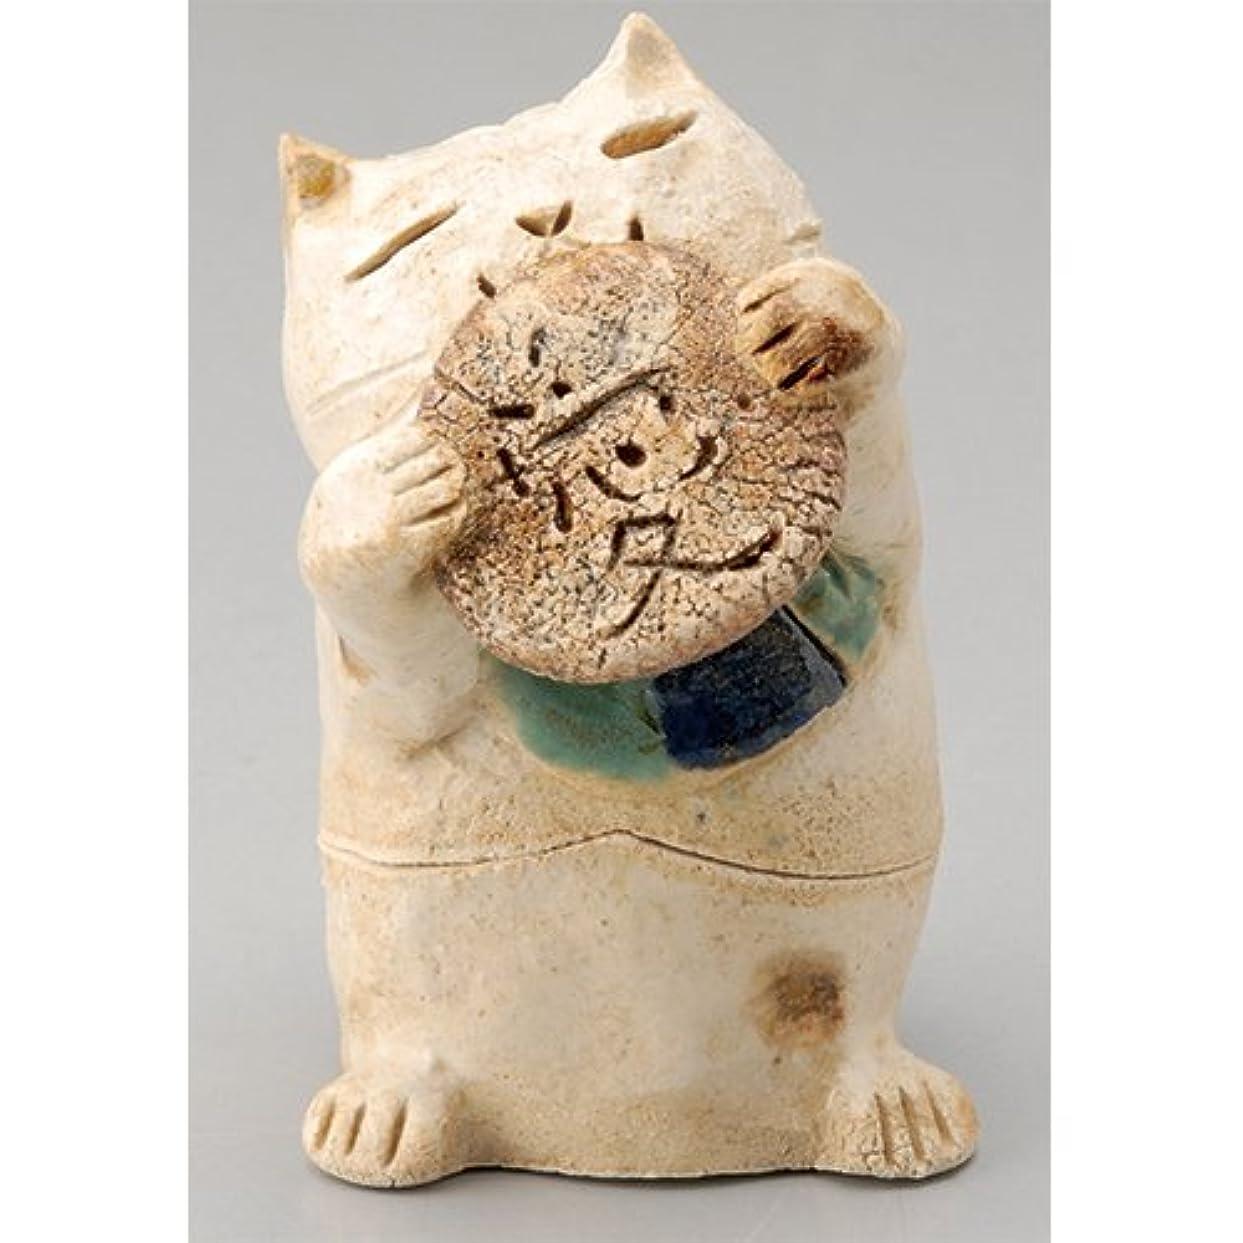 おめでとう小麦マイクロ香炉 ごえん猫 香炉(愛) [H8cm] HANDMADE プレゼント ギフト 和食器 かわいい インテリア